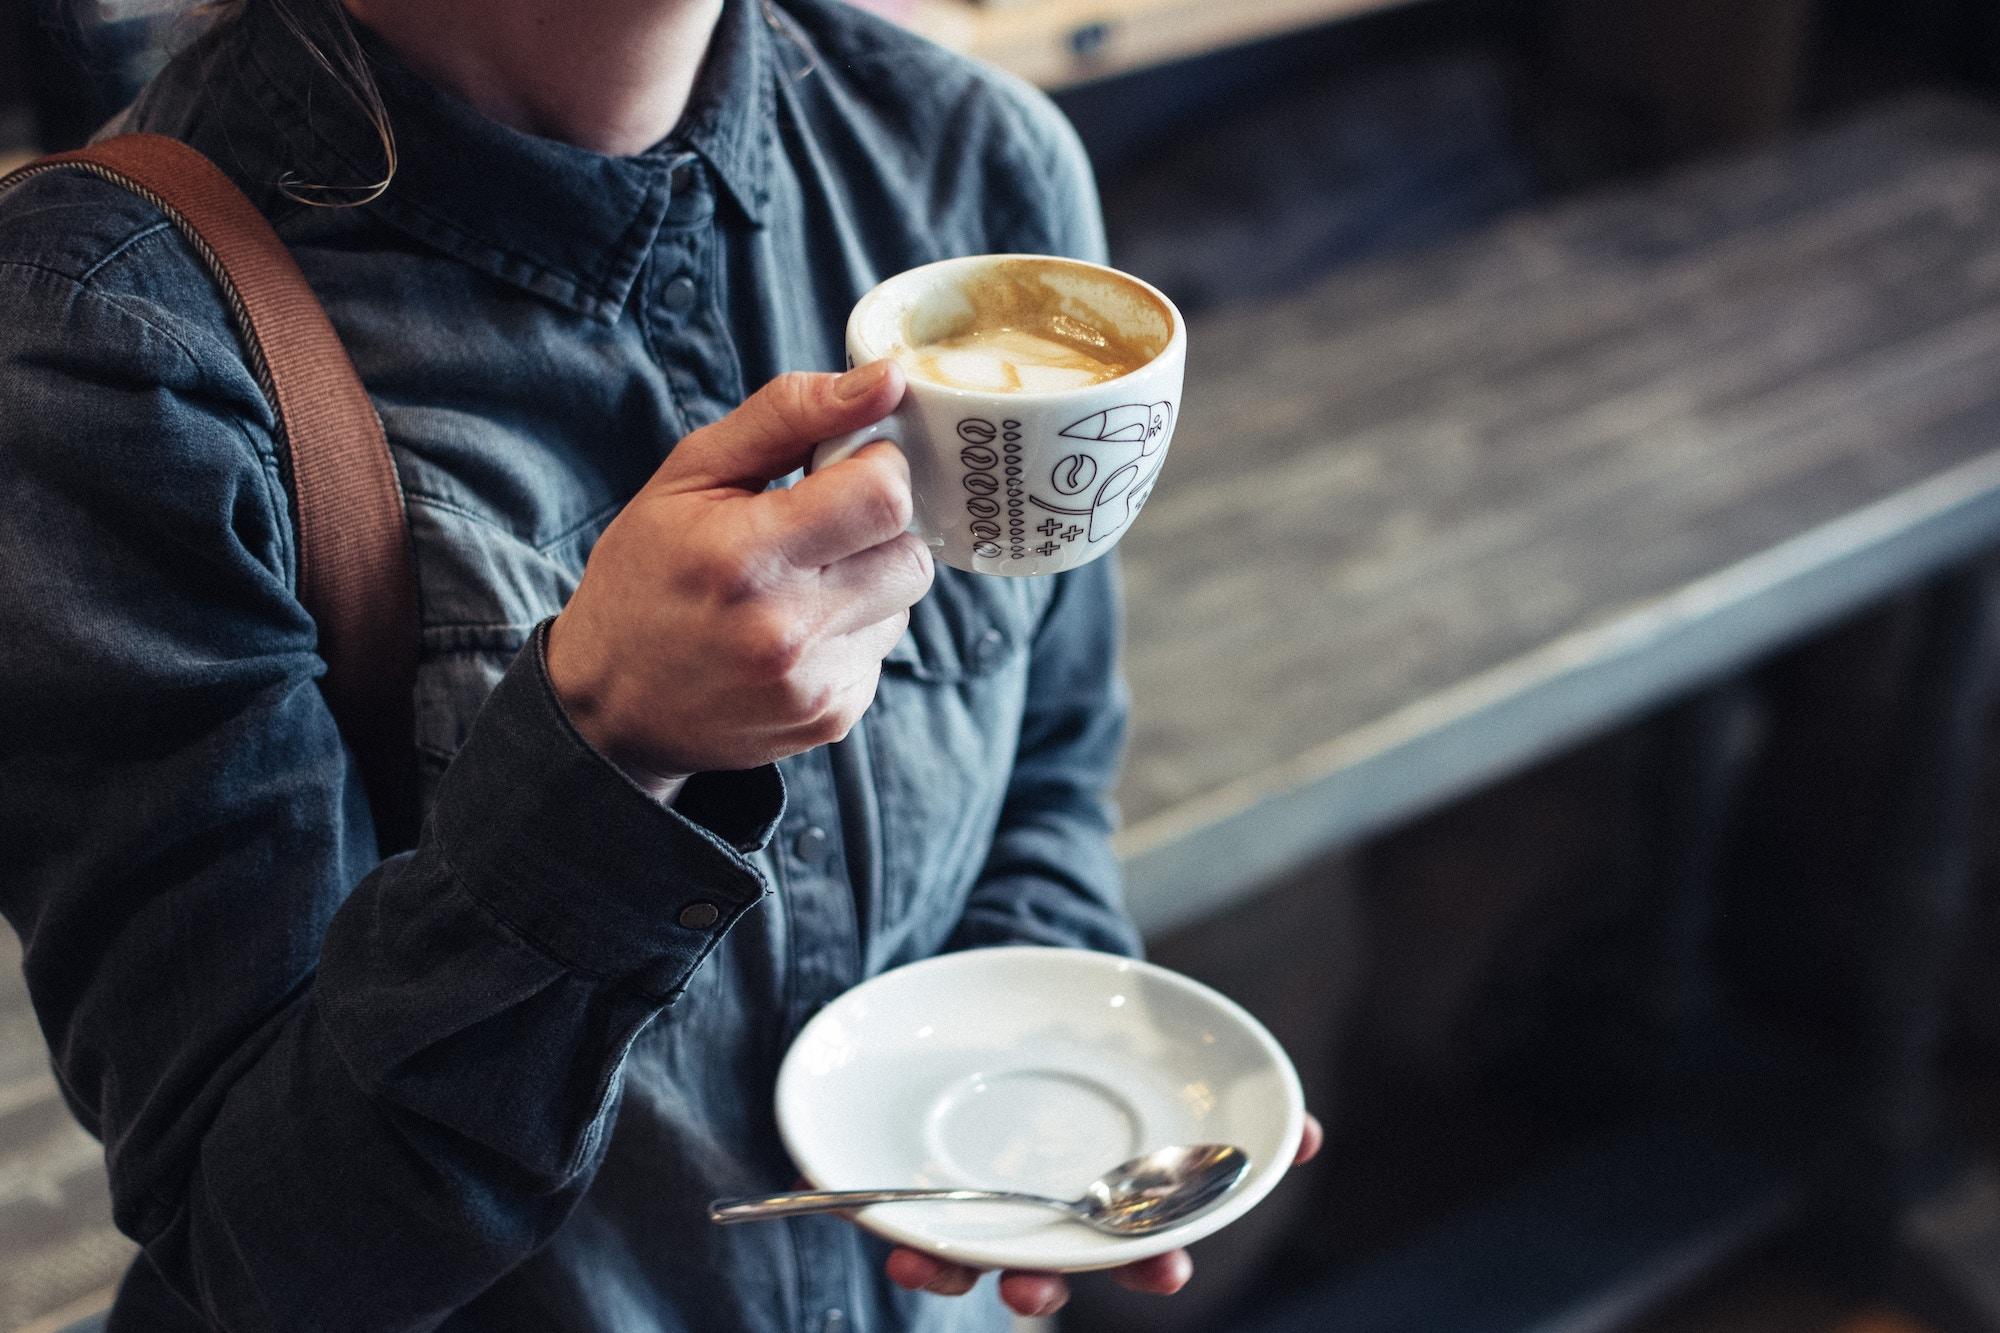 Onni on kahvila - Onnion Storen kahvilasta voi ostaa tuoretta Lehmus Roasteryn kahvia ja herkutella Kinuskillan tuotteilla.Tule nauttimaan kauniista esineistä ja ainutlaatuisesta tunnelmasta!